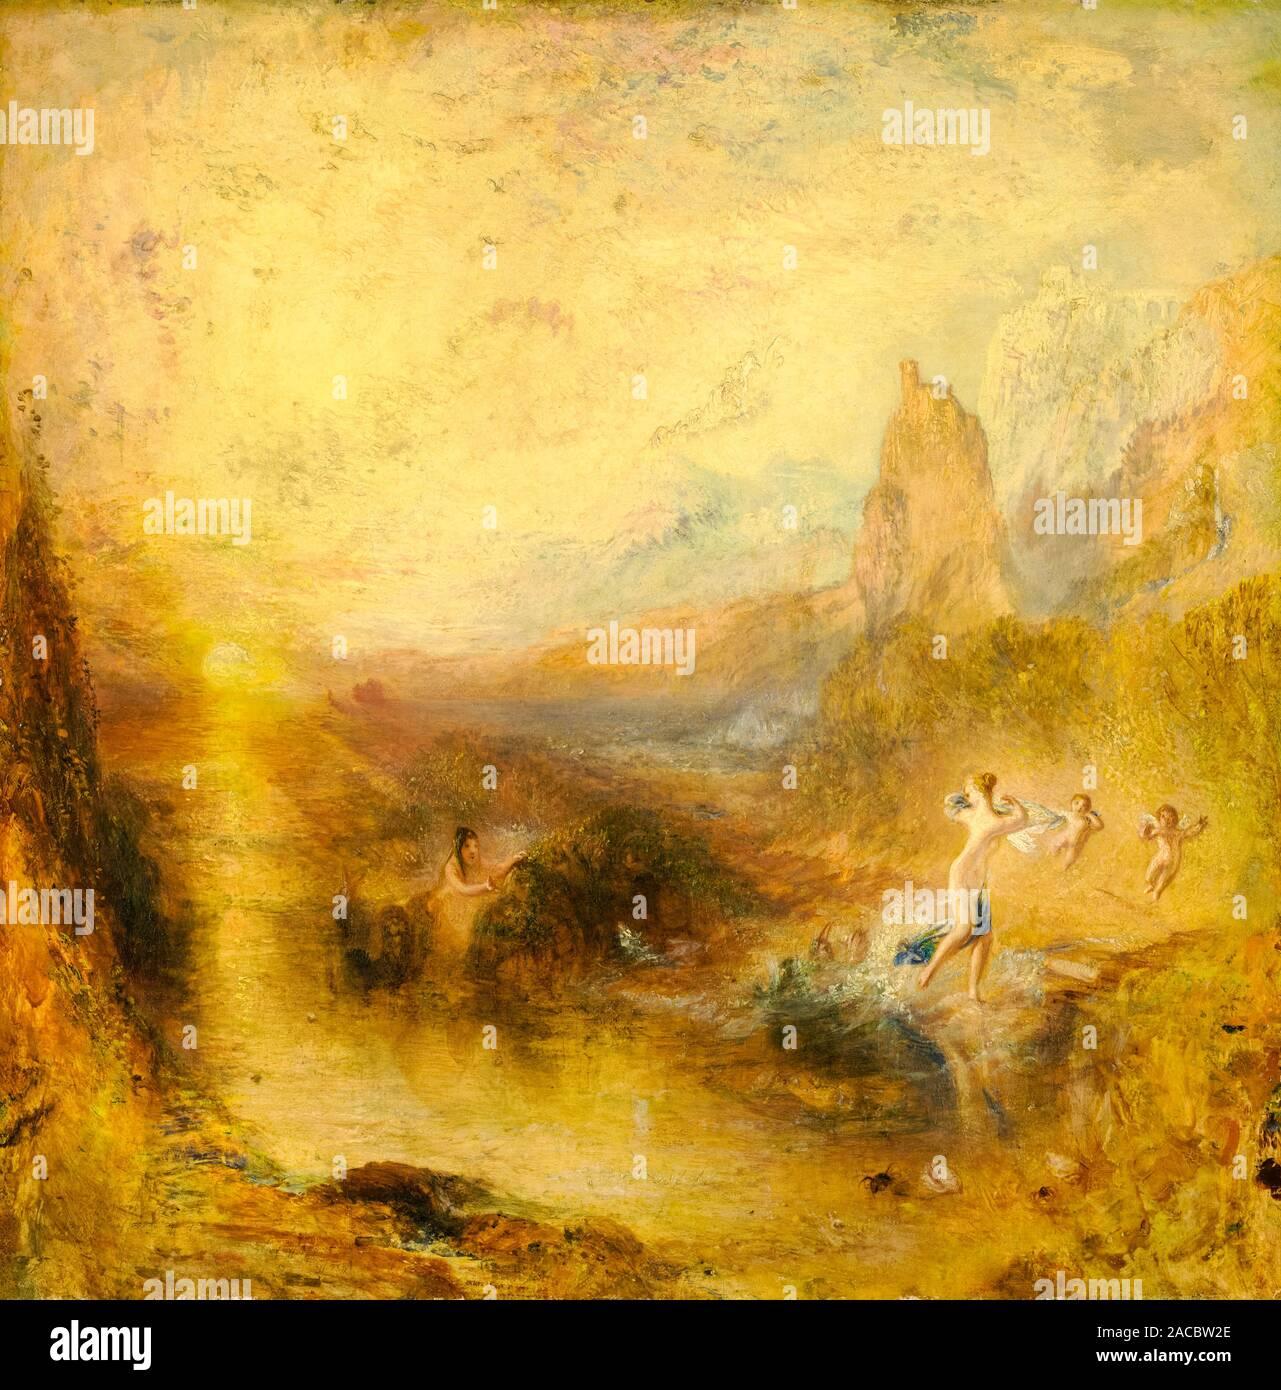 Ein Werk Und Seine Geschichte William Turner Frieden Geo